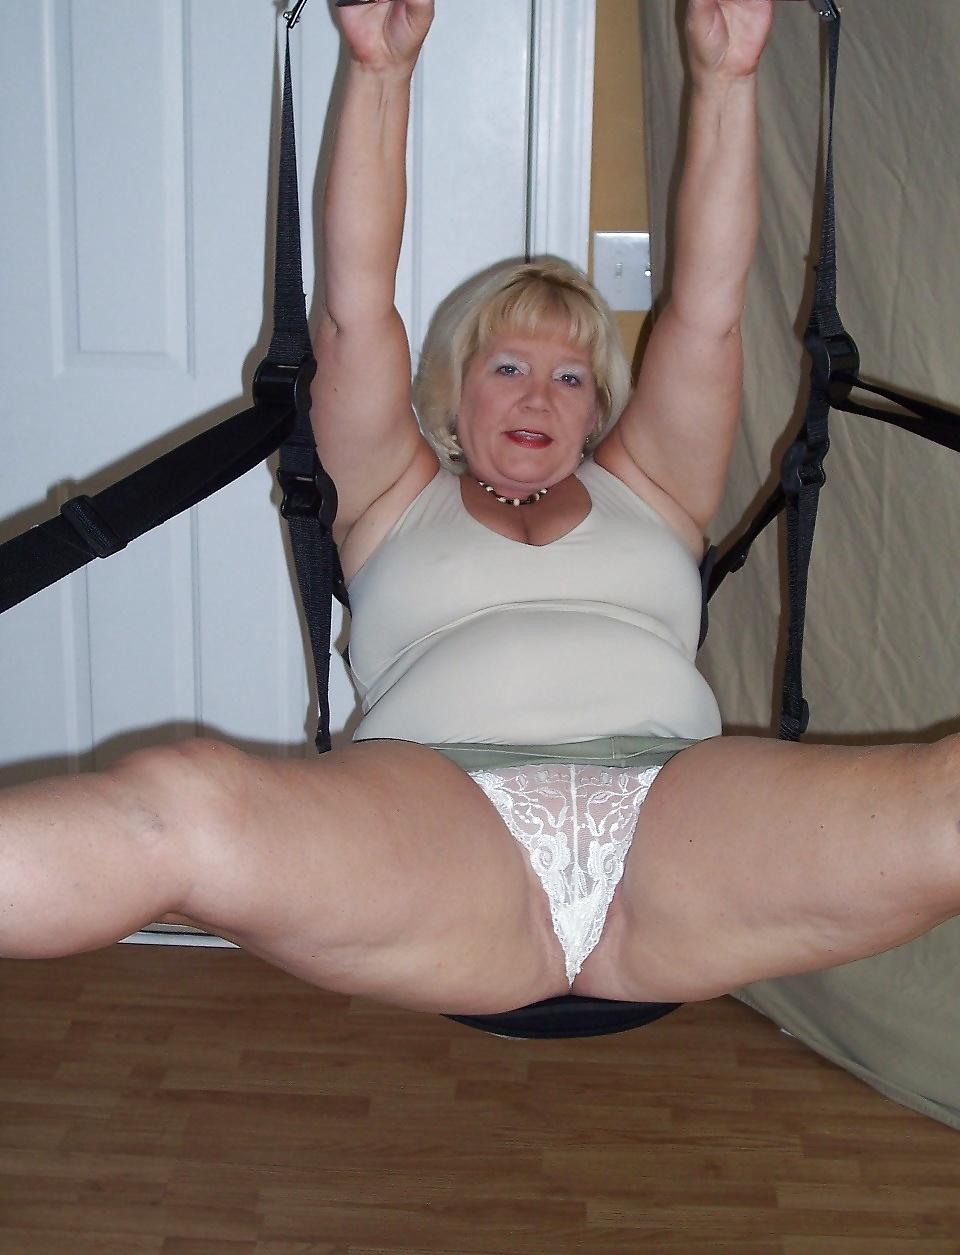 abuelas desnudas fotos porno 5